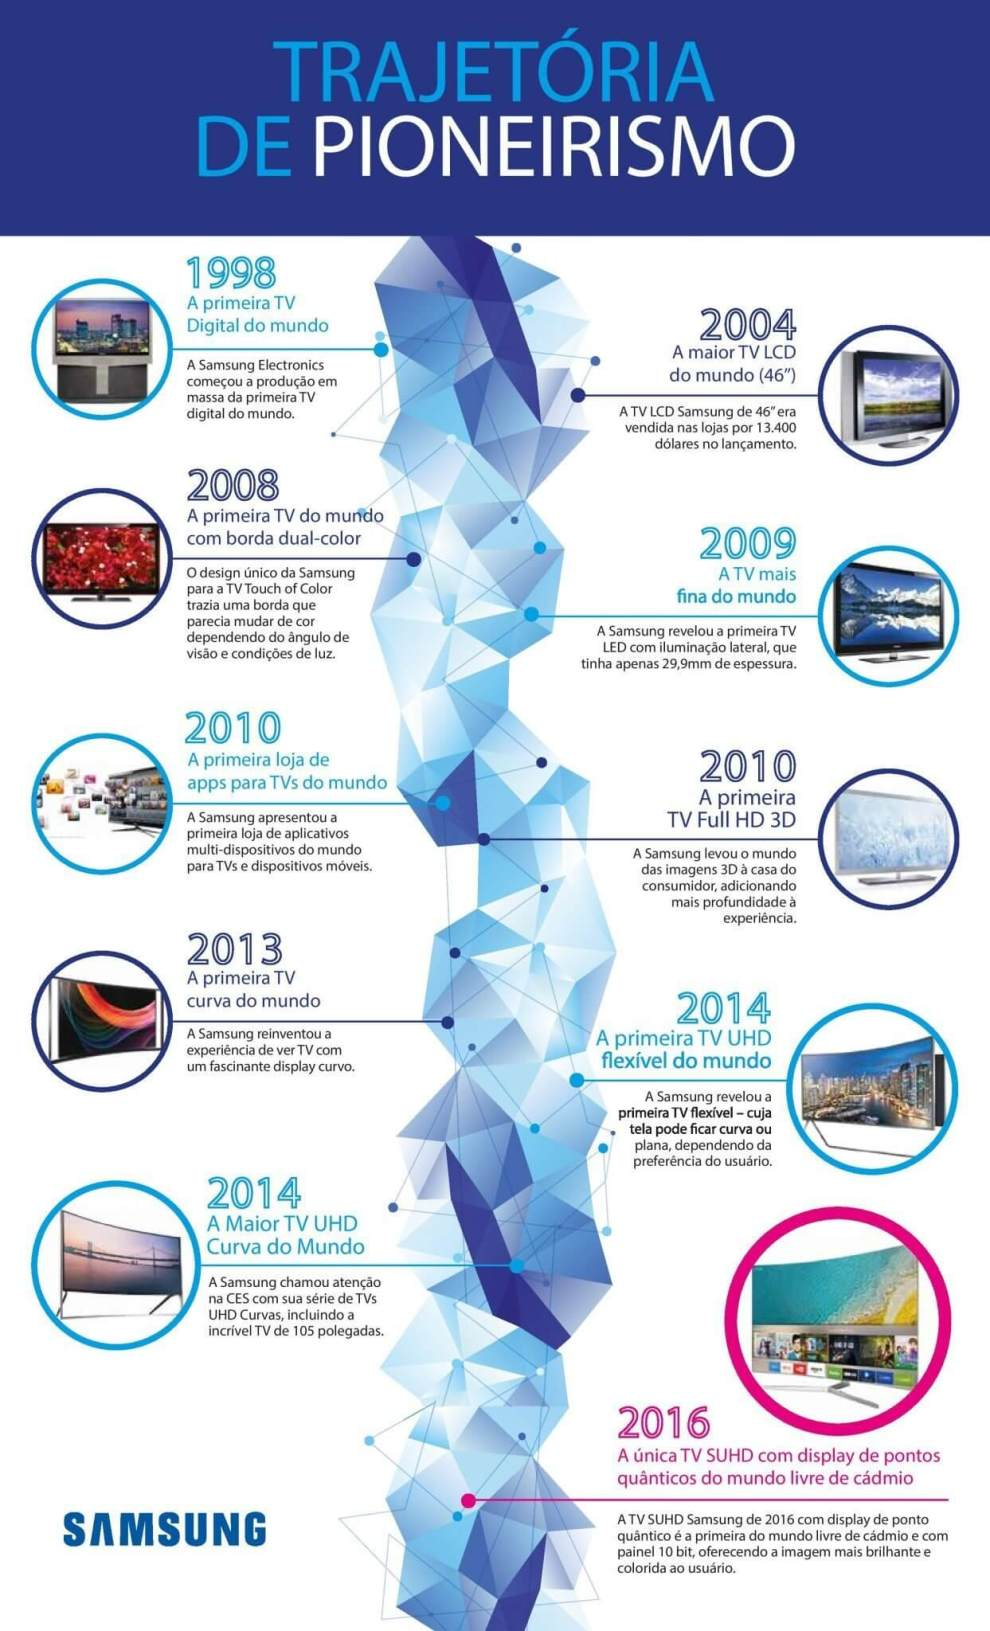 samsung look first infographic v7 - Infográfico conta a história de inovações das TVs Samsung